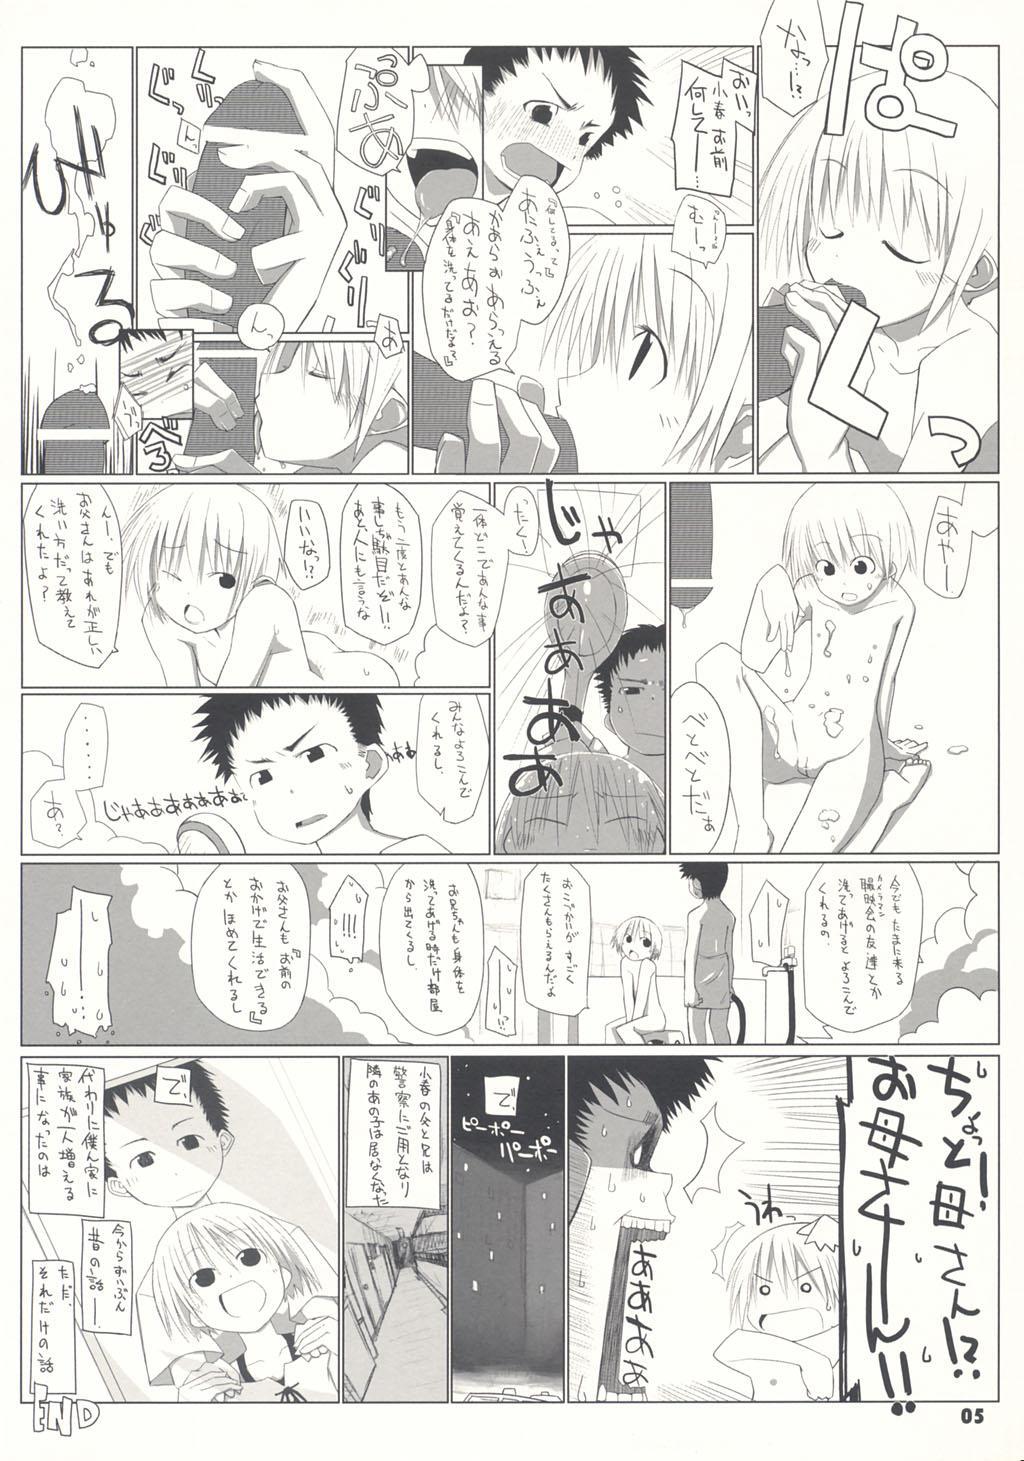 Tonari no Kimi 1-gakki 5